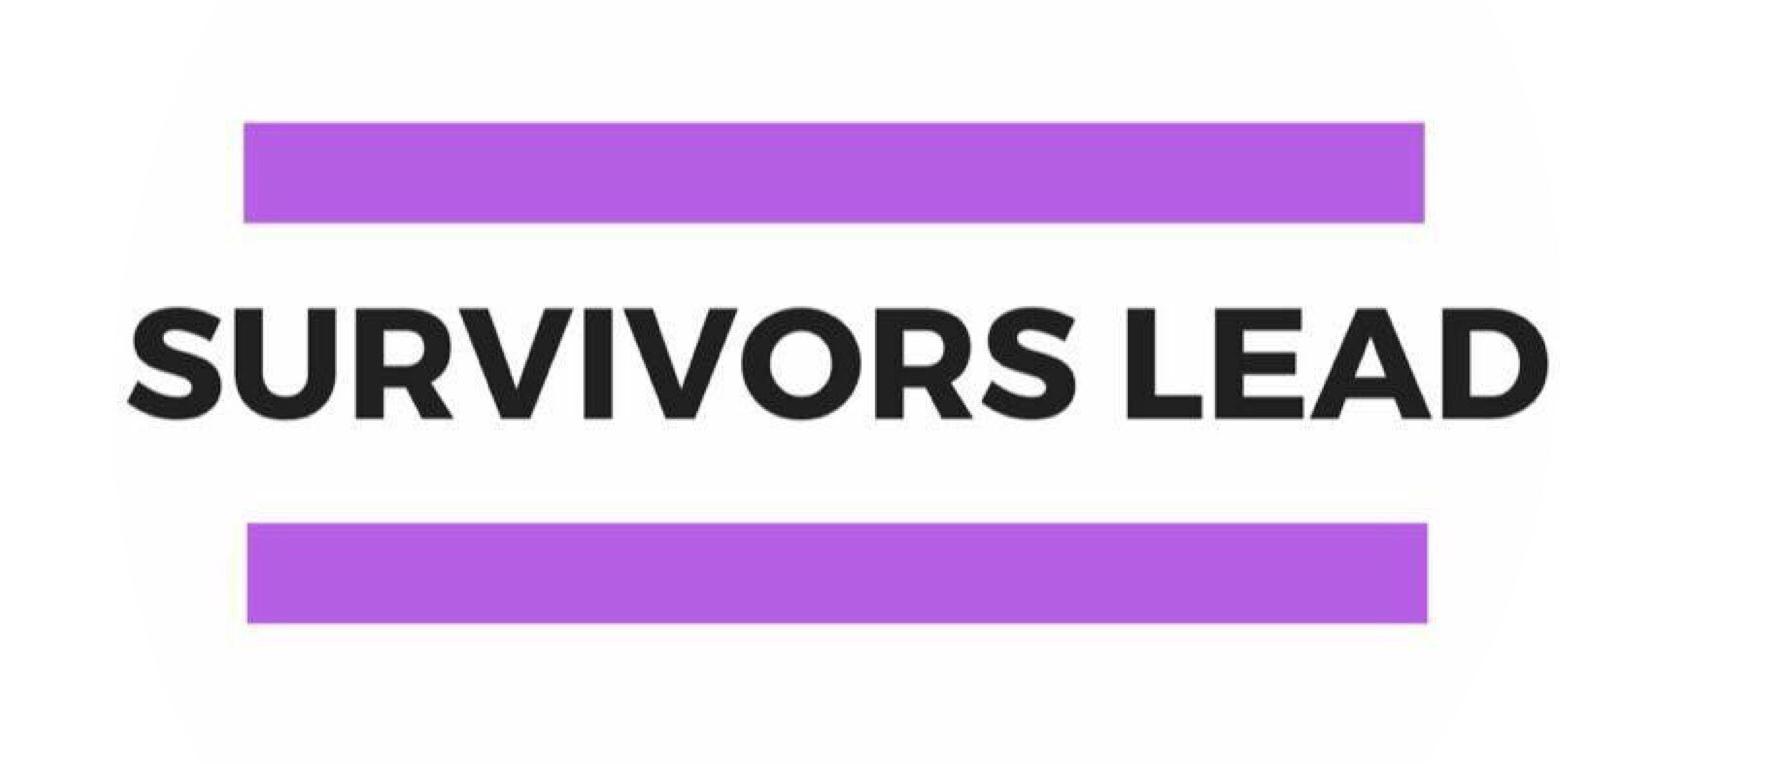 survivorsleadimg-0145.jpg